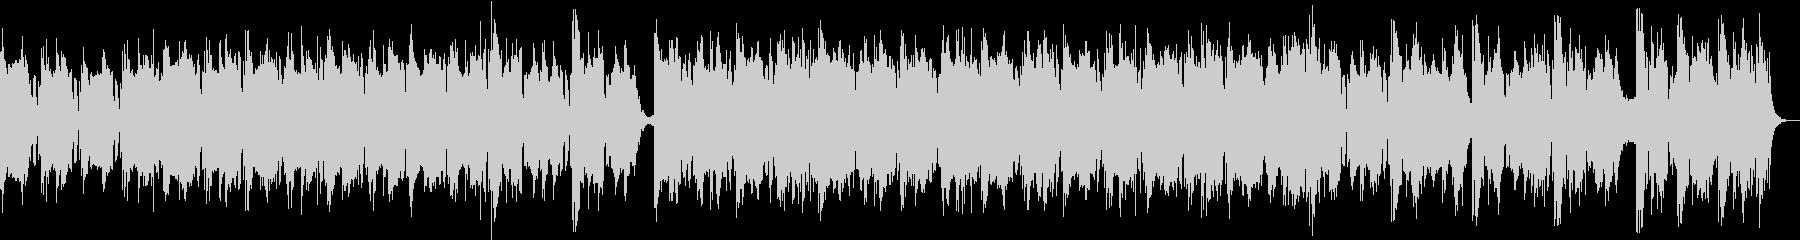 幻想的なエレクトロニカ/シンセロック曲の未再生の波形